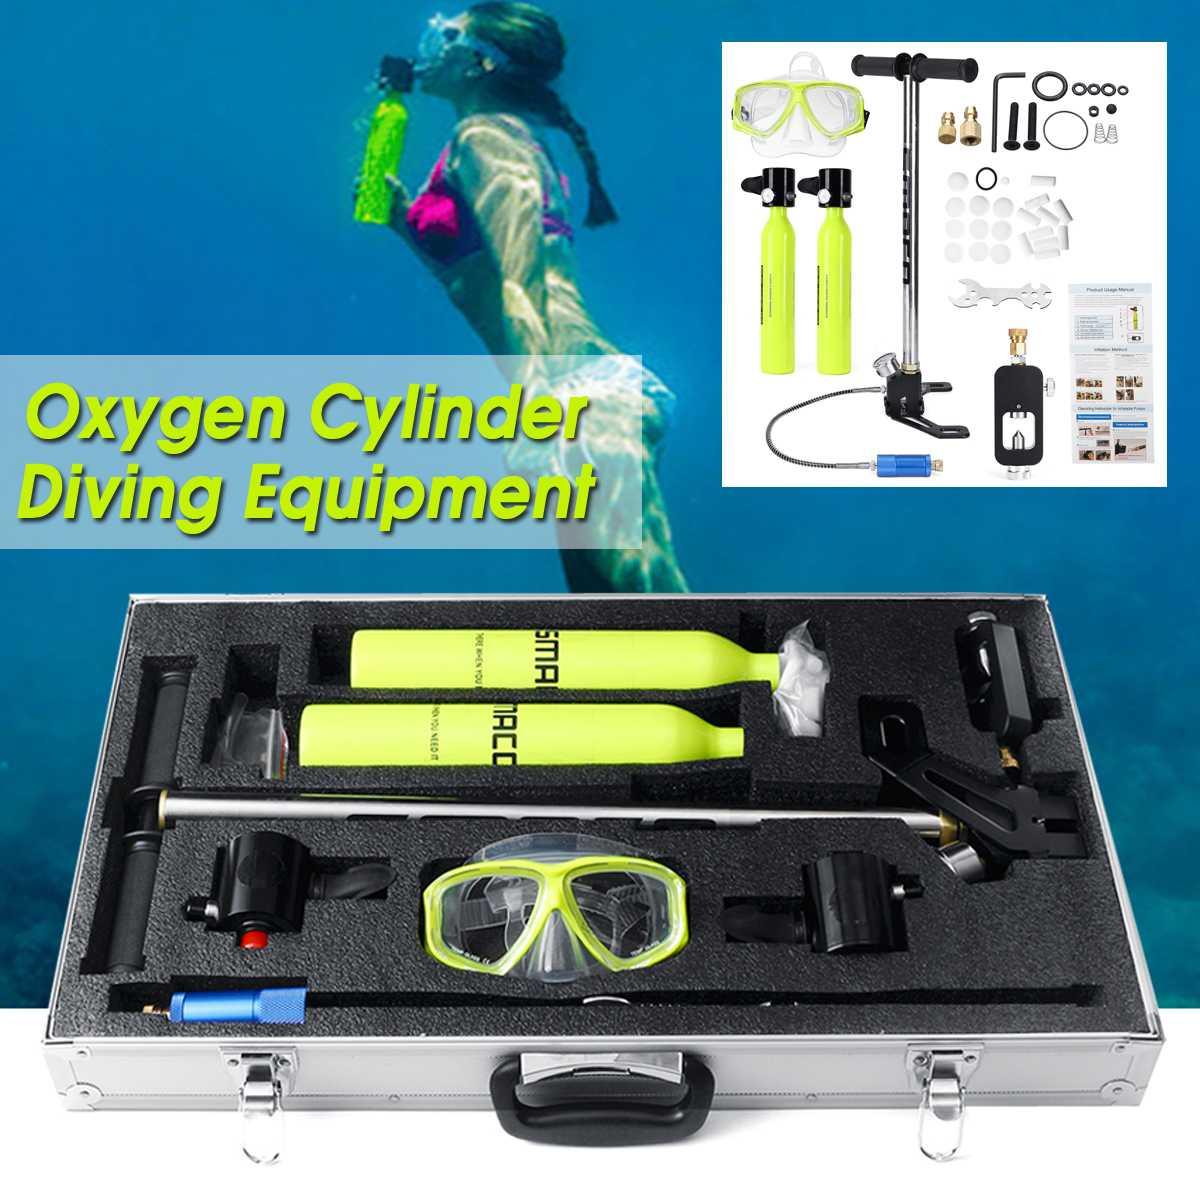 9 pièces deux bouteilles d'oxygène réservoir d'air avec pompe régulateur de respiration engrenage tête de plongée lunettes de plongée équipement de plongée sous-marine réservoir de rechange